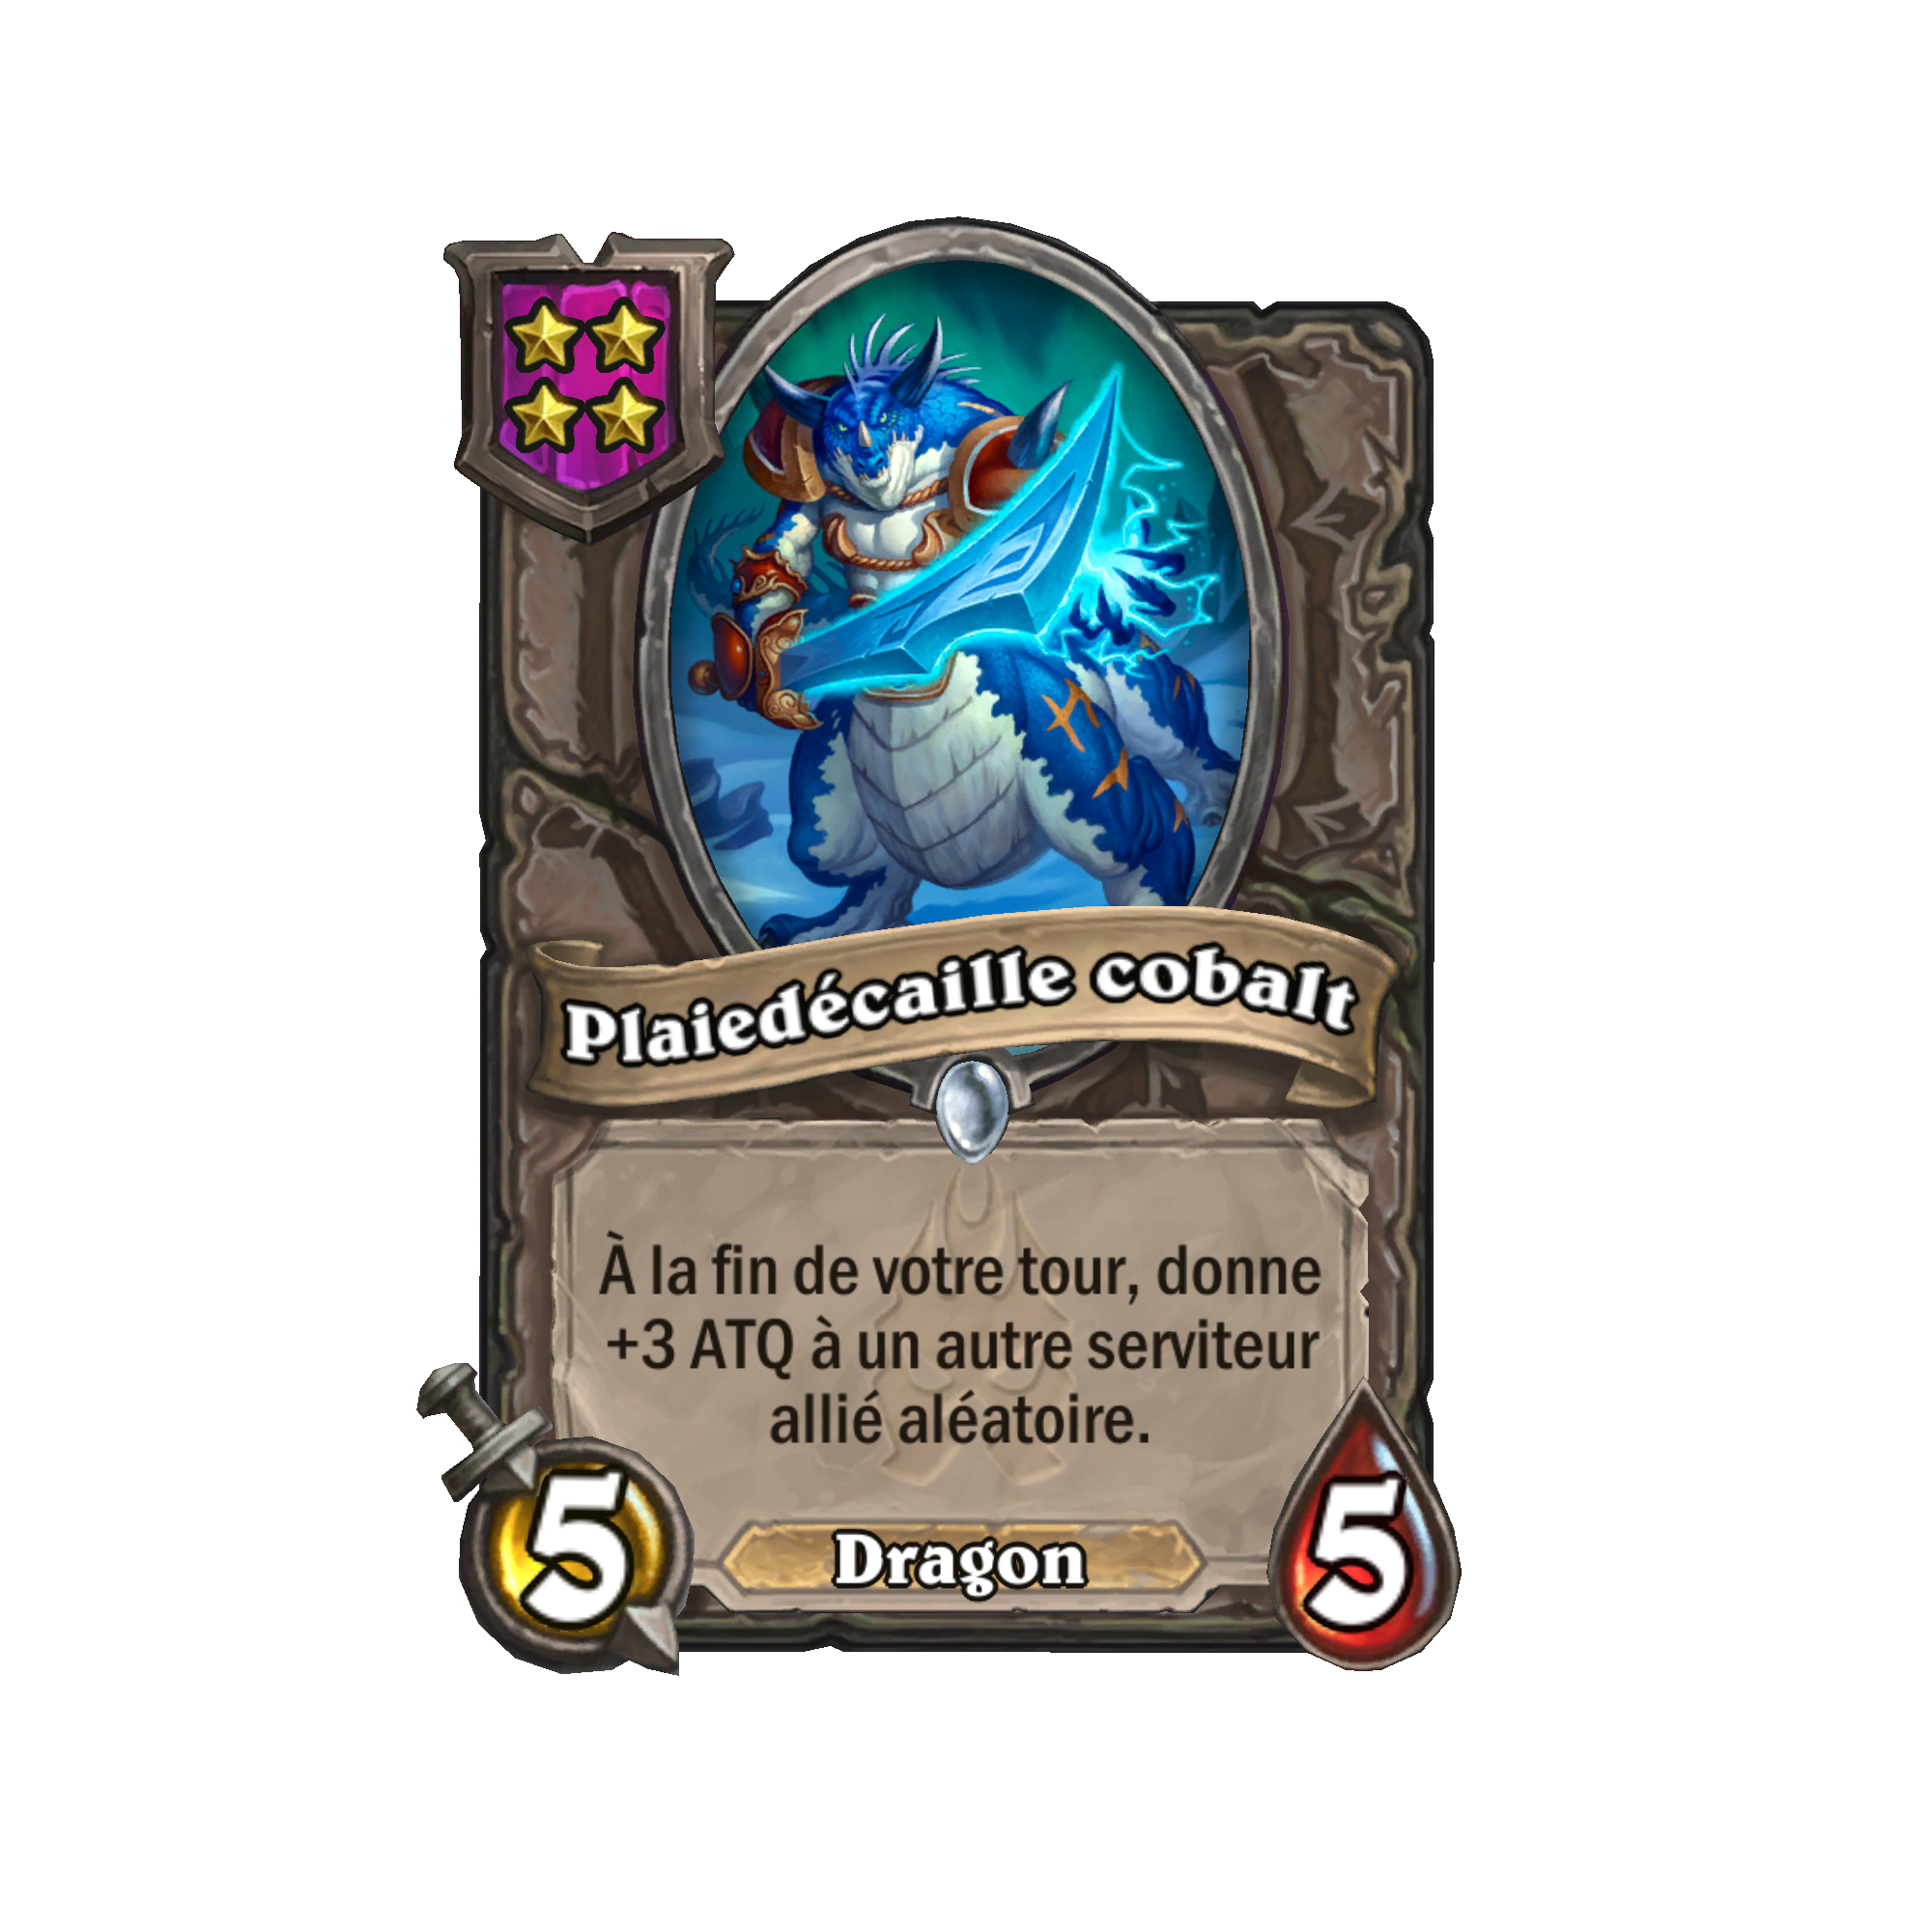 Plaiedécaille cobalt